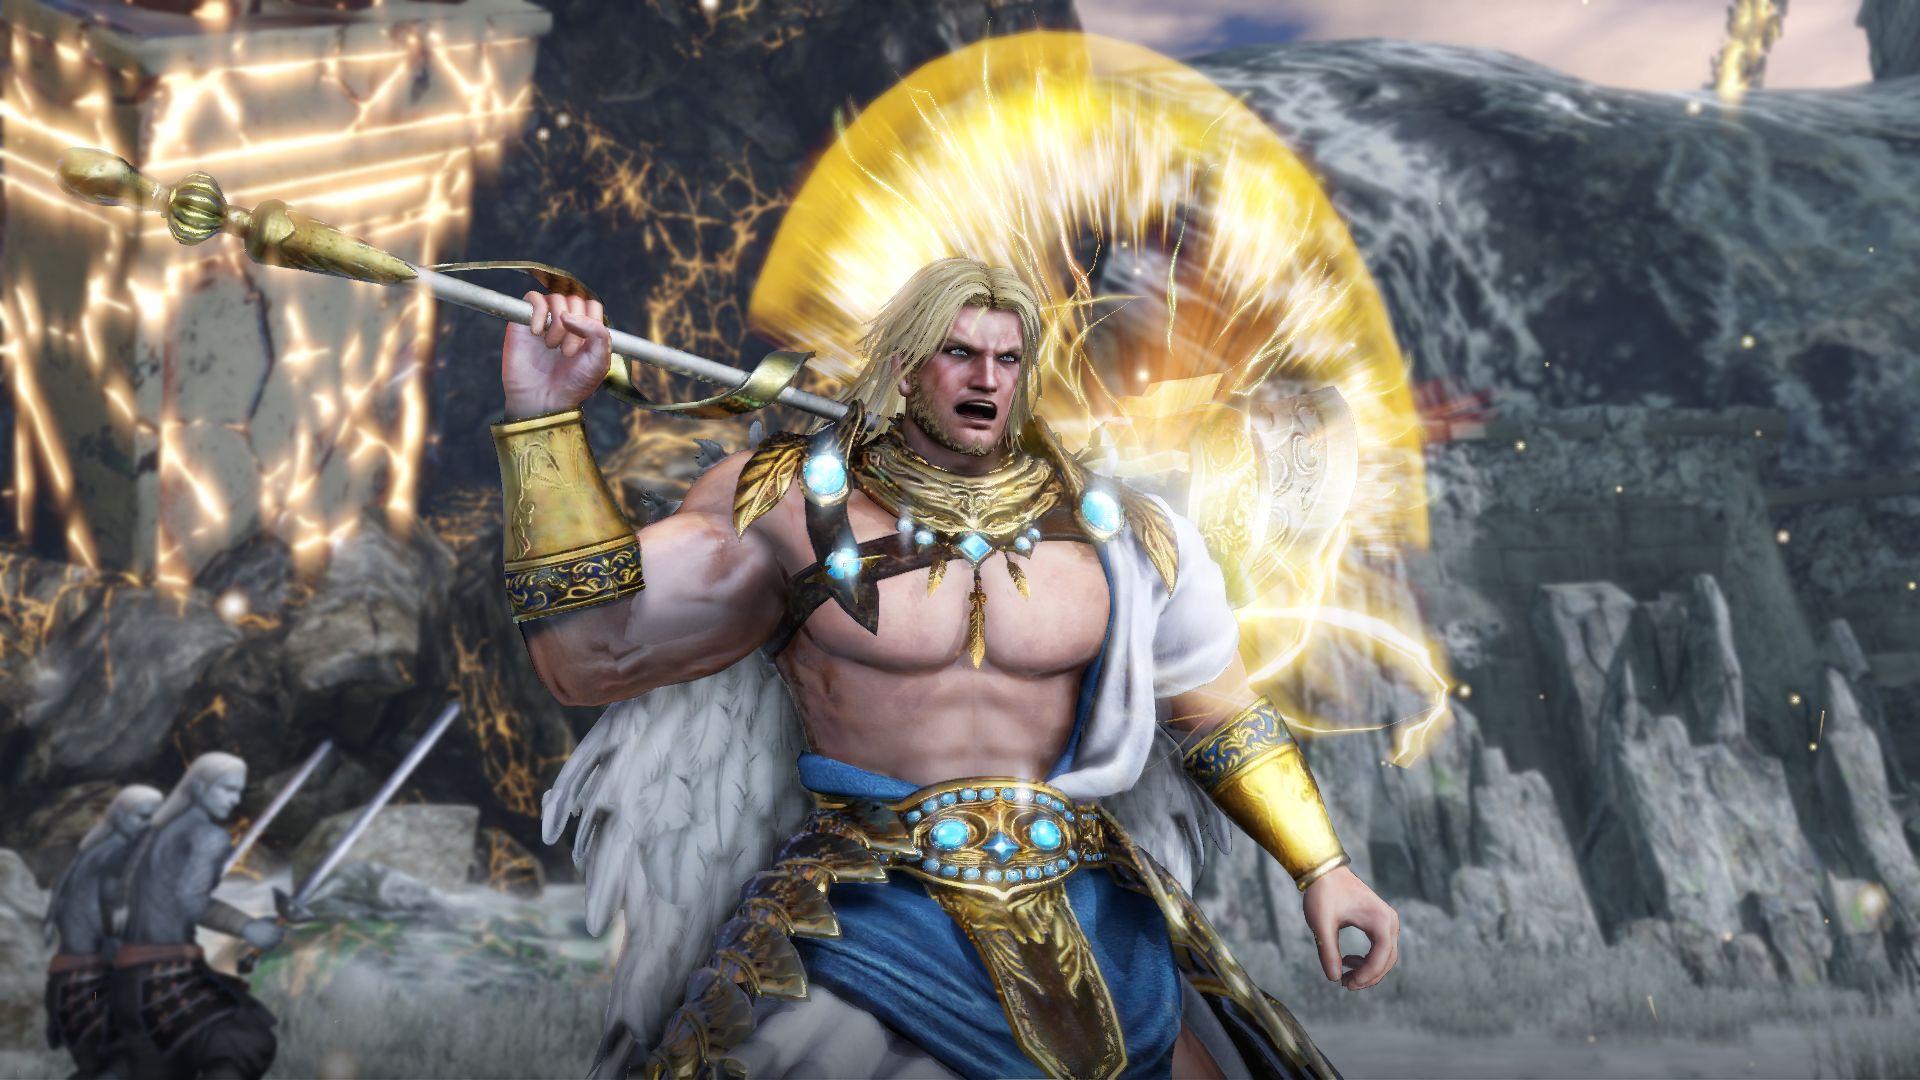 تاریخ انتشار Warriors Orochi 4 مشخص شد + تصاویر